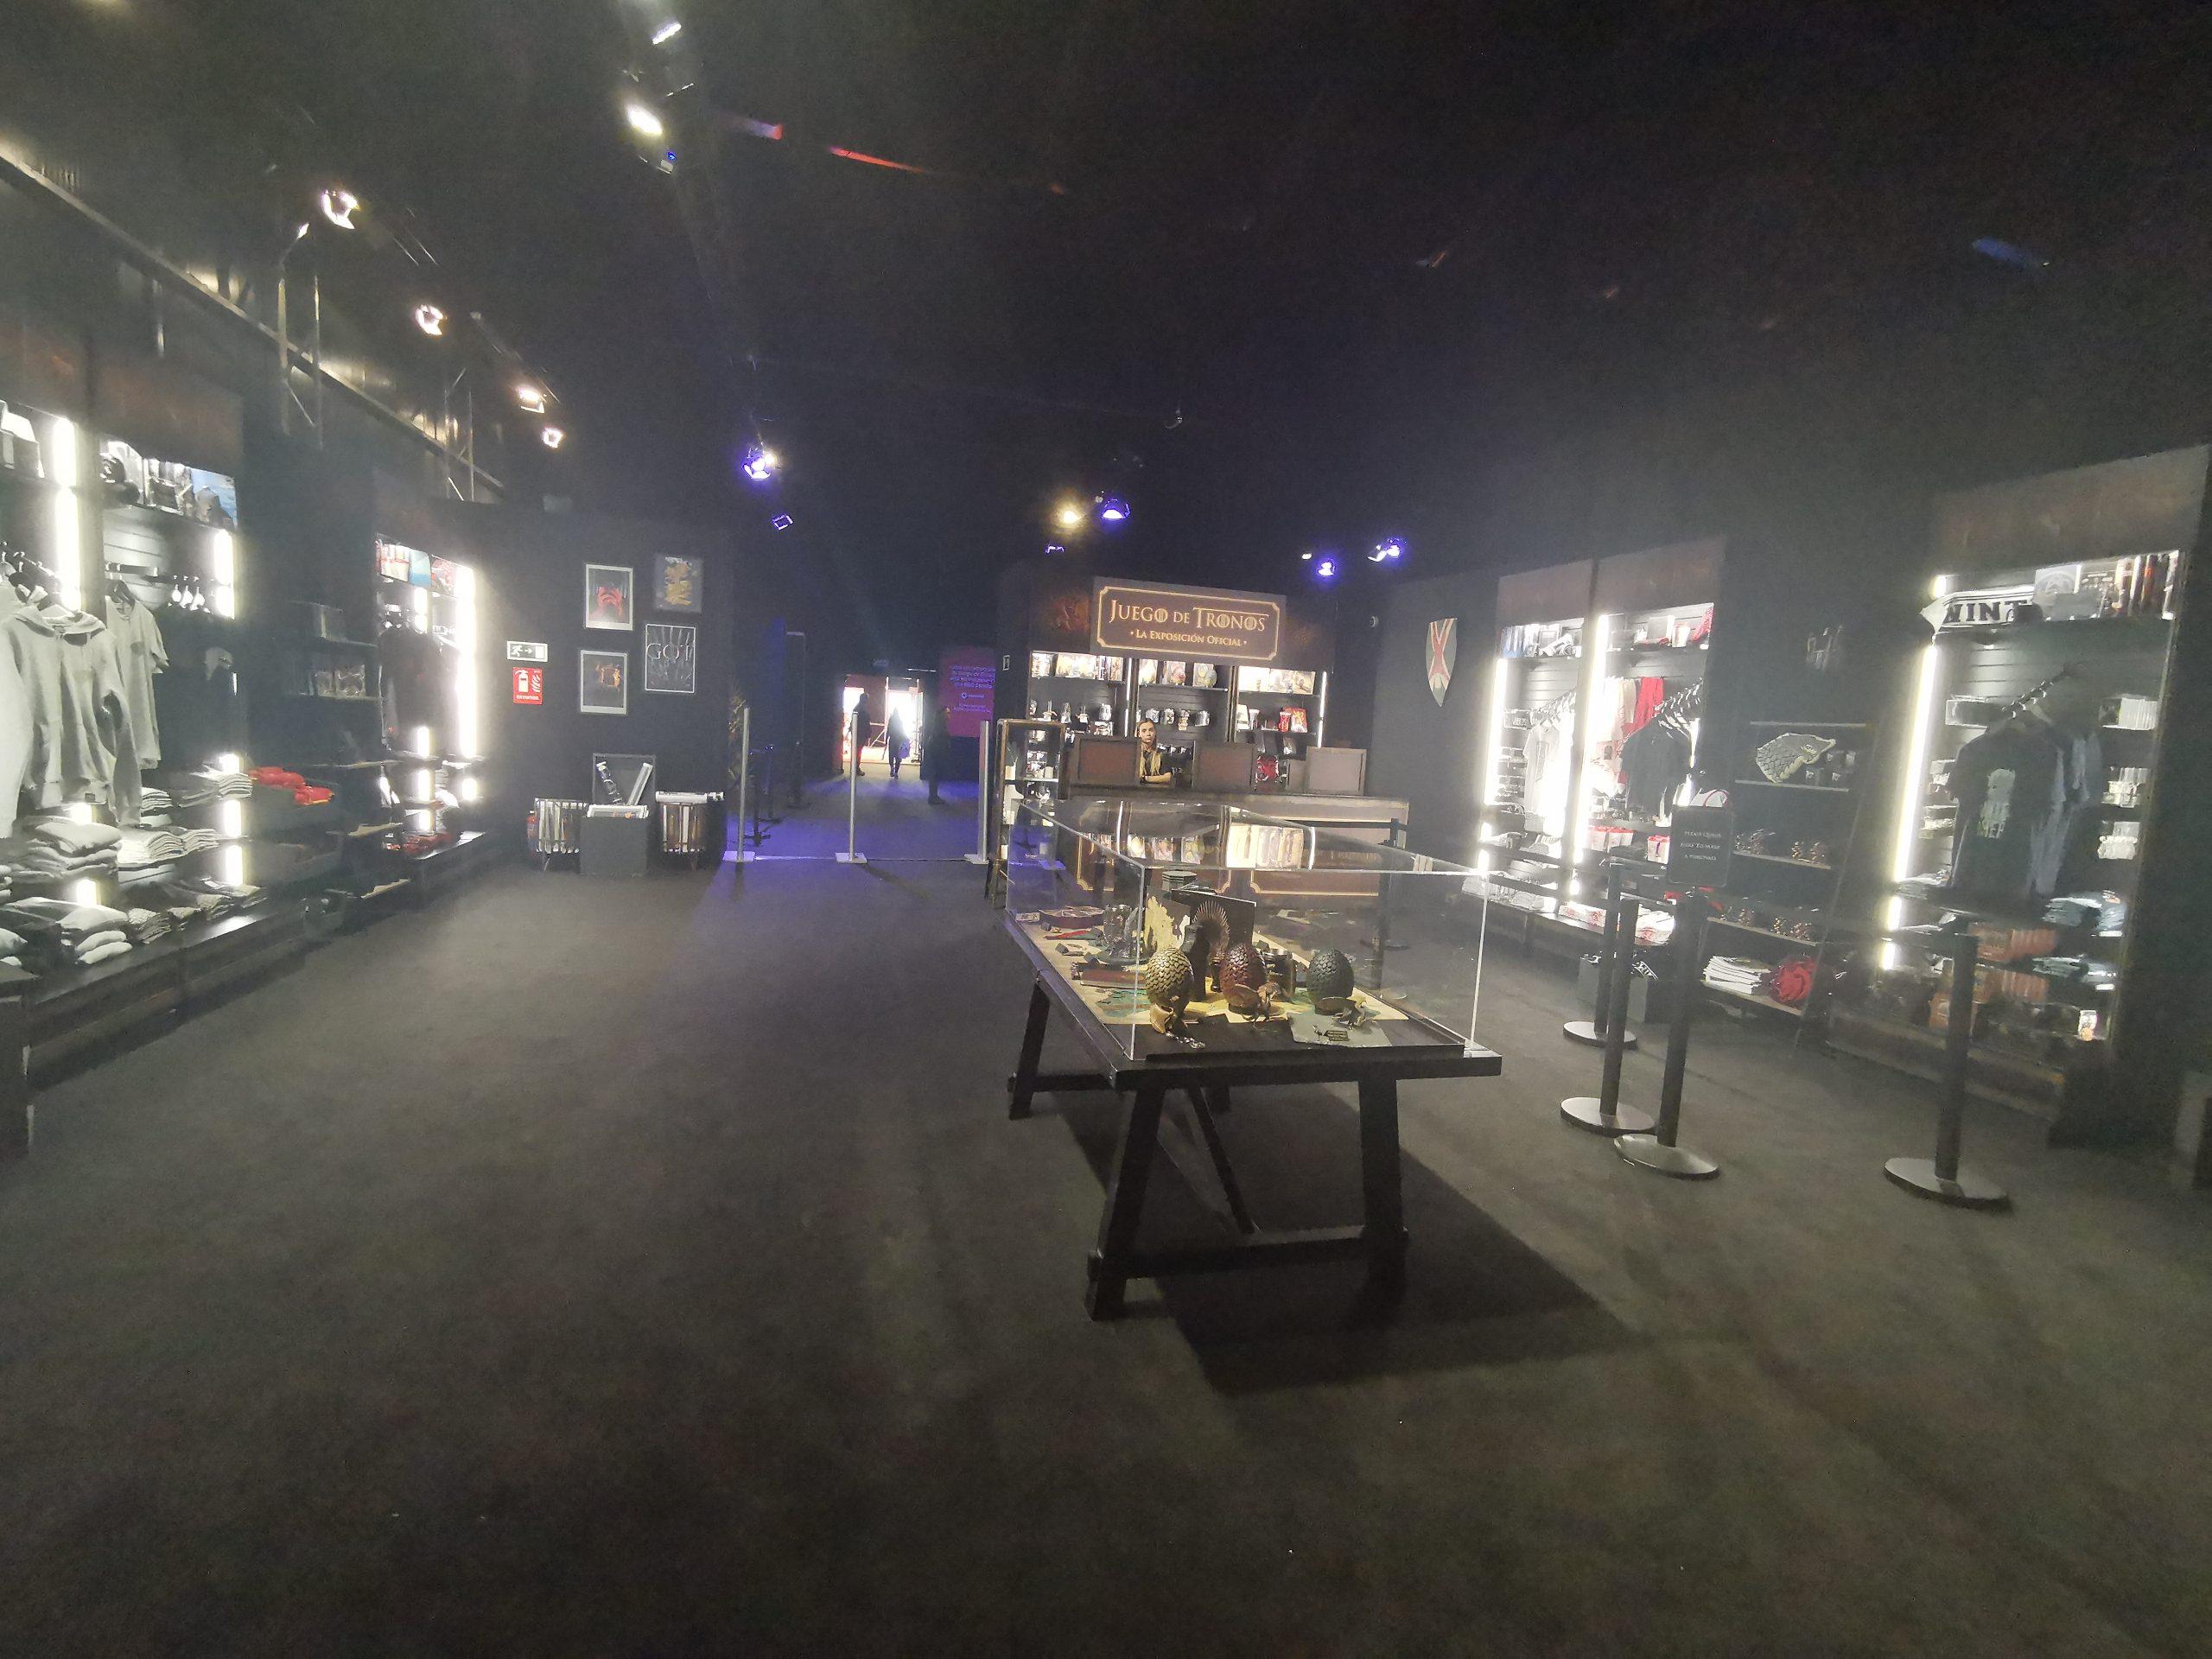 Juego de Tronos exposición oficial tienda 04